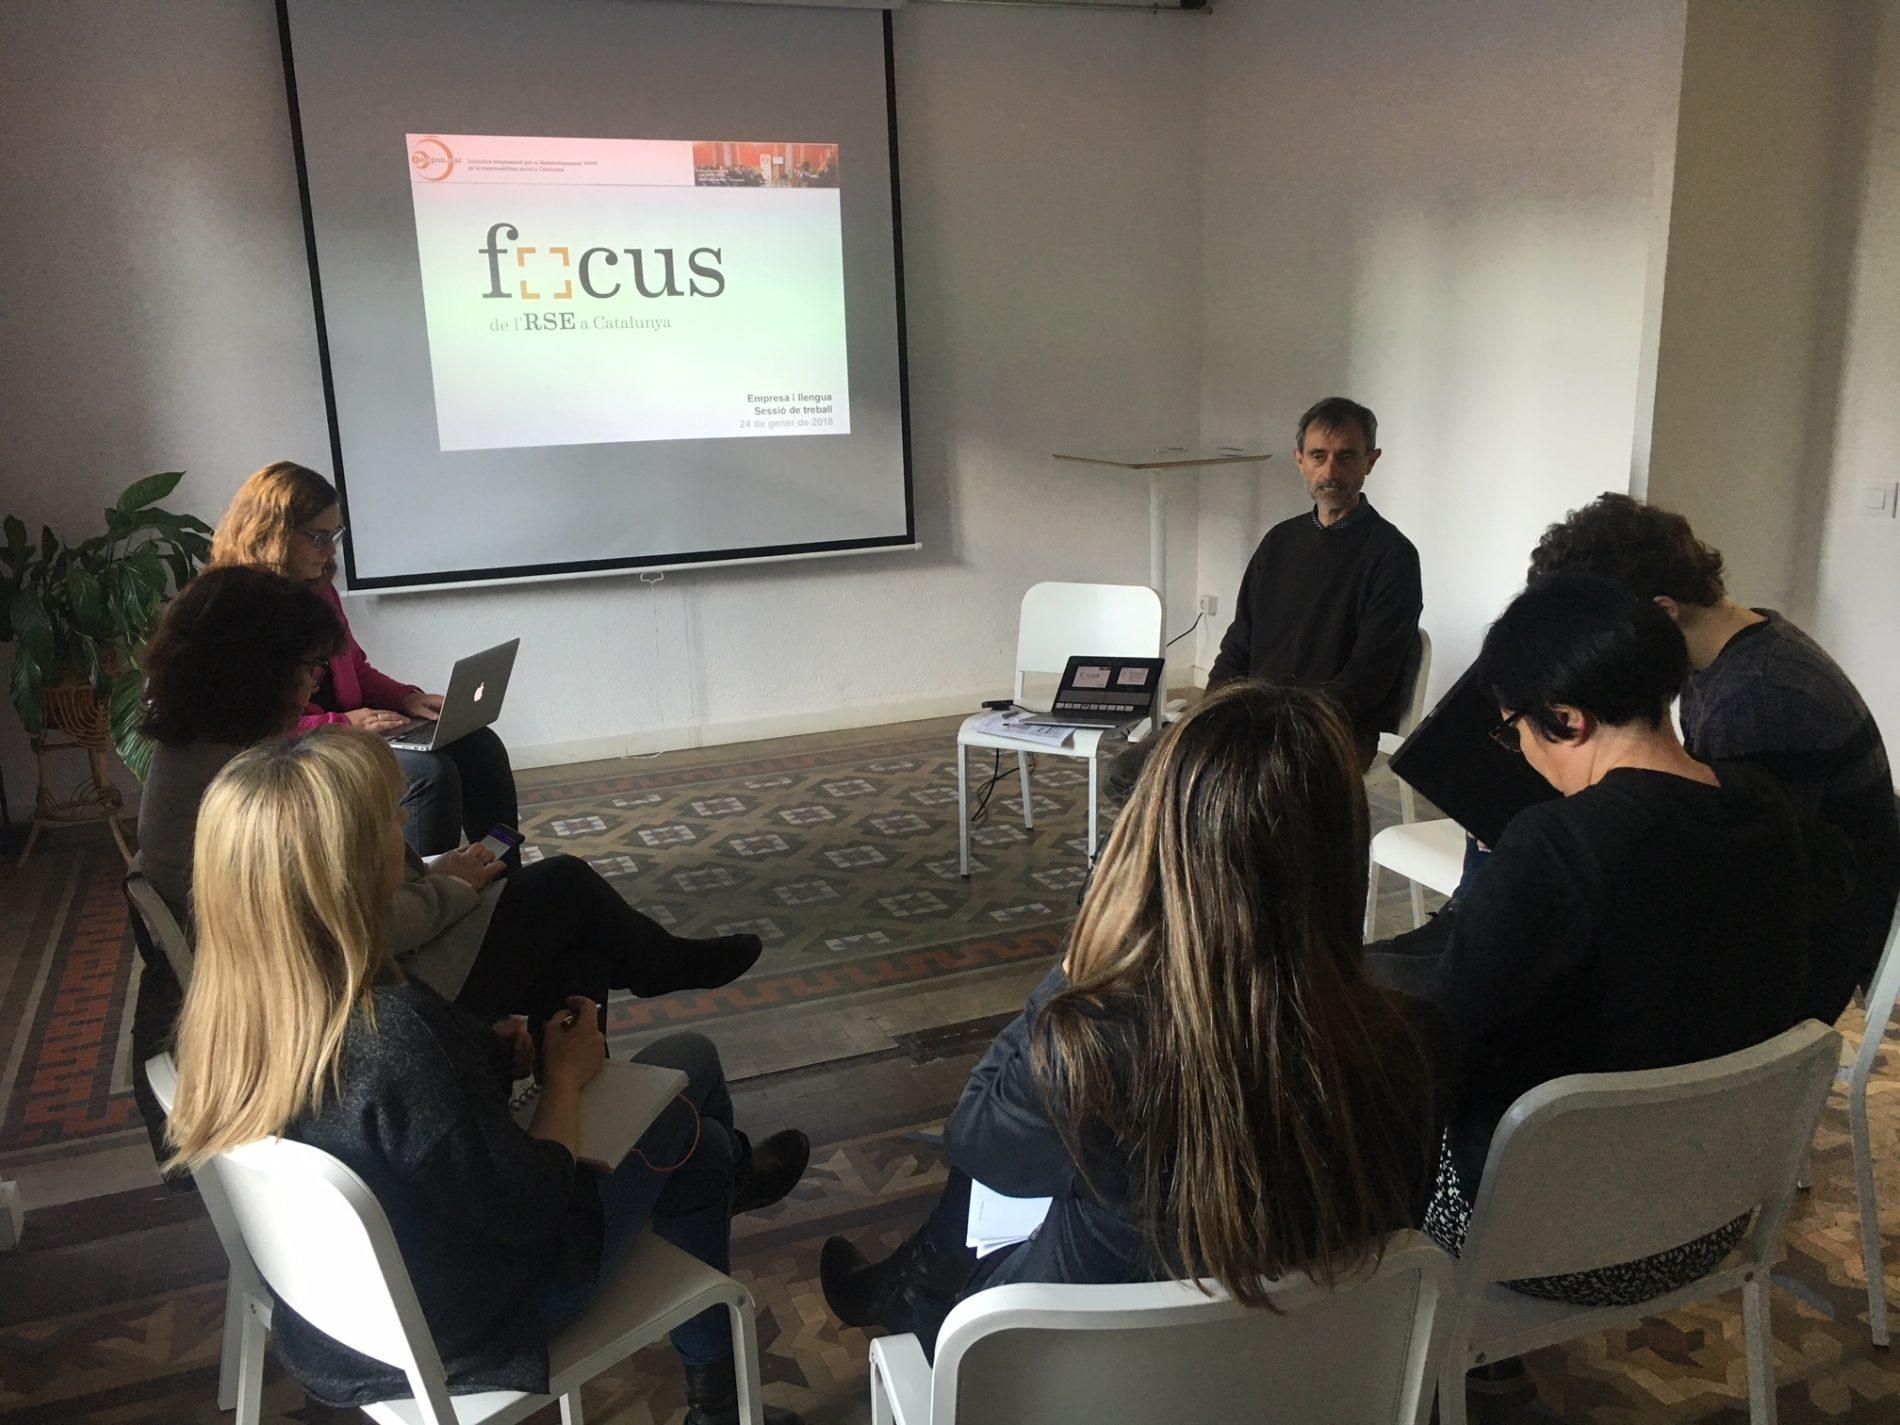 Respon.cat convoca una sessió de treball per aprofundir en la diversitat cultural i la responsabilitat lingüística de les empreses compromeses